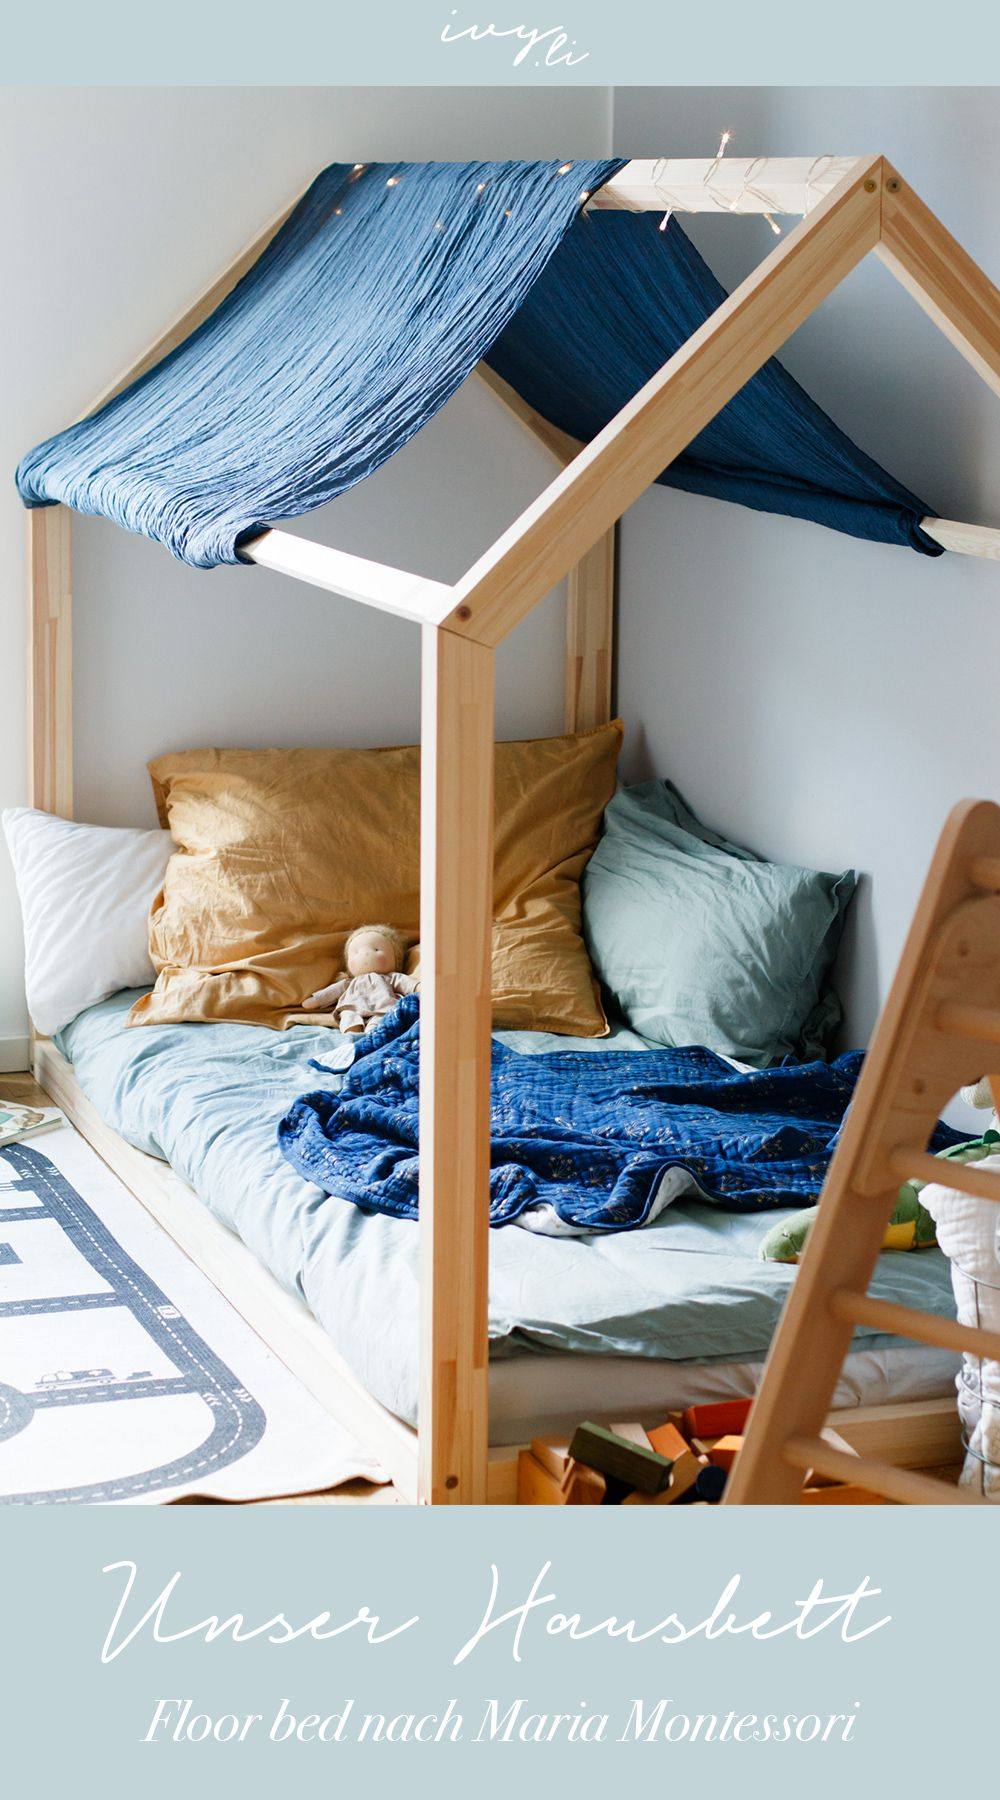 Hausbett für Kinder | Bodenbetten, Hausbett und Maria montessori